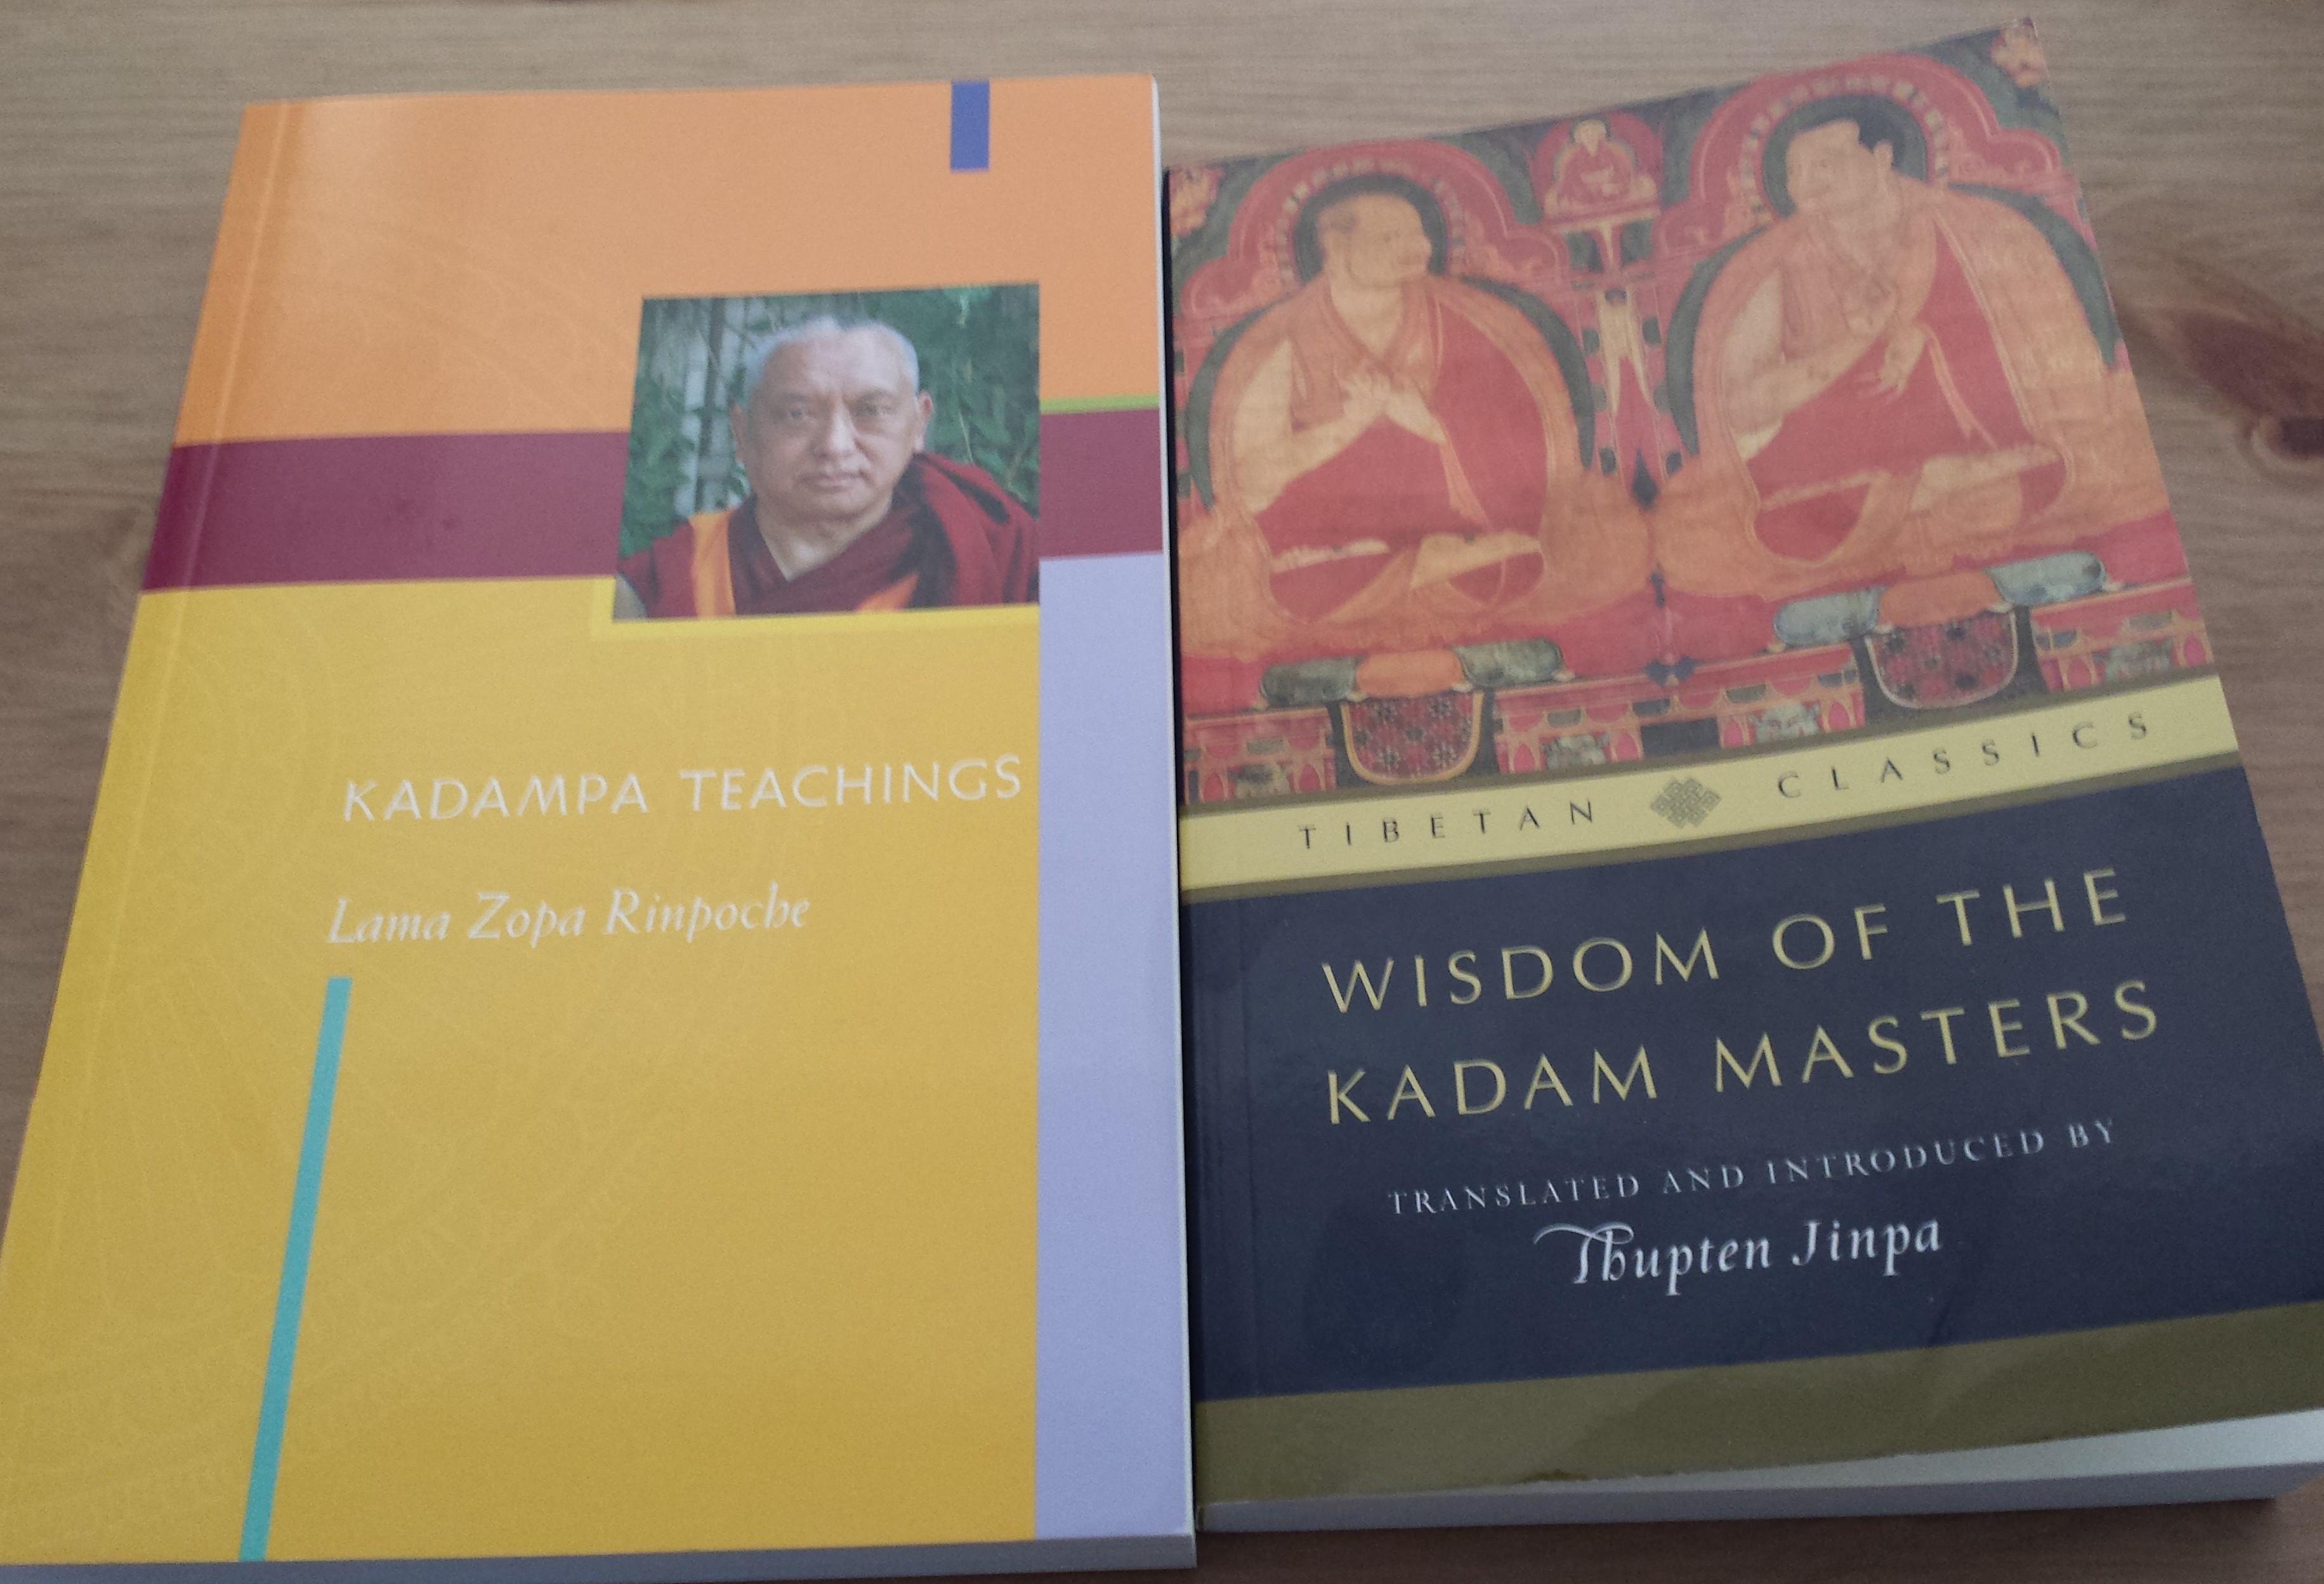 Wisdom of the Kadam Masters and Kadampa Teachings